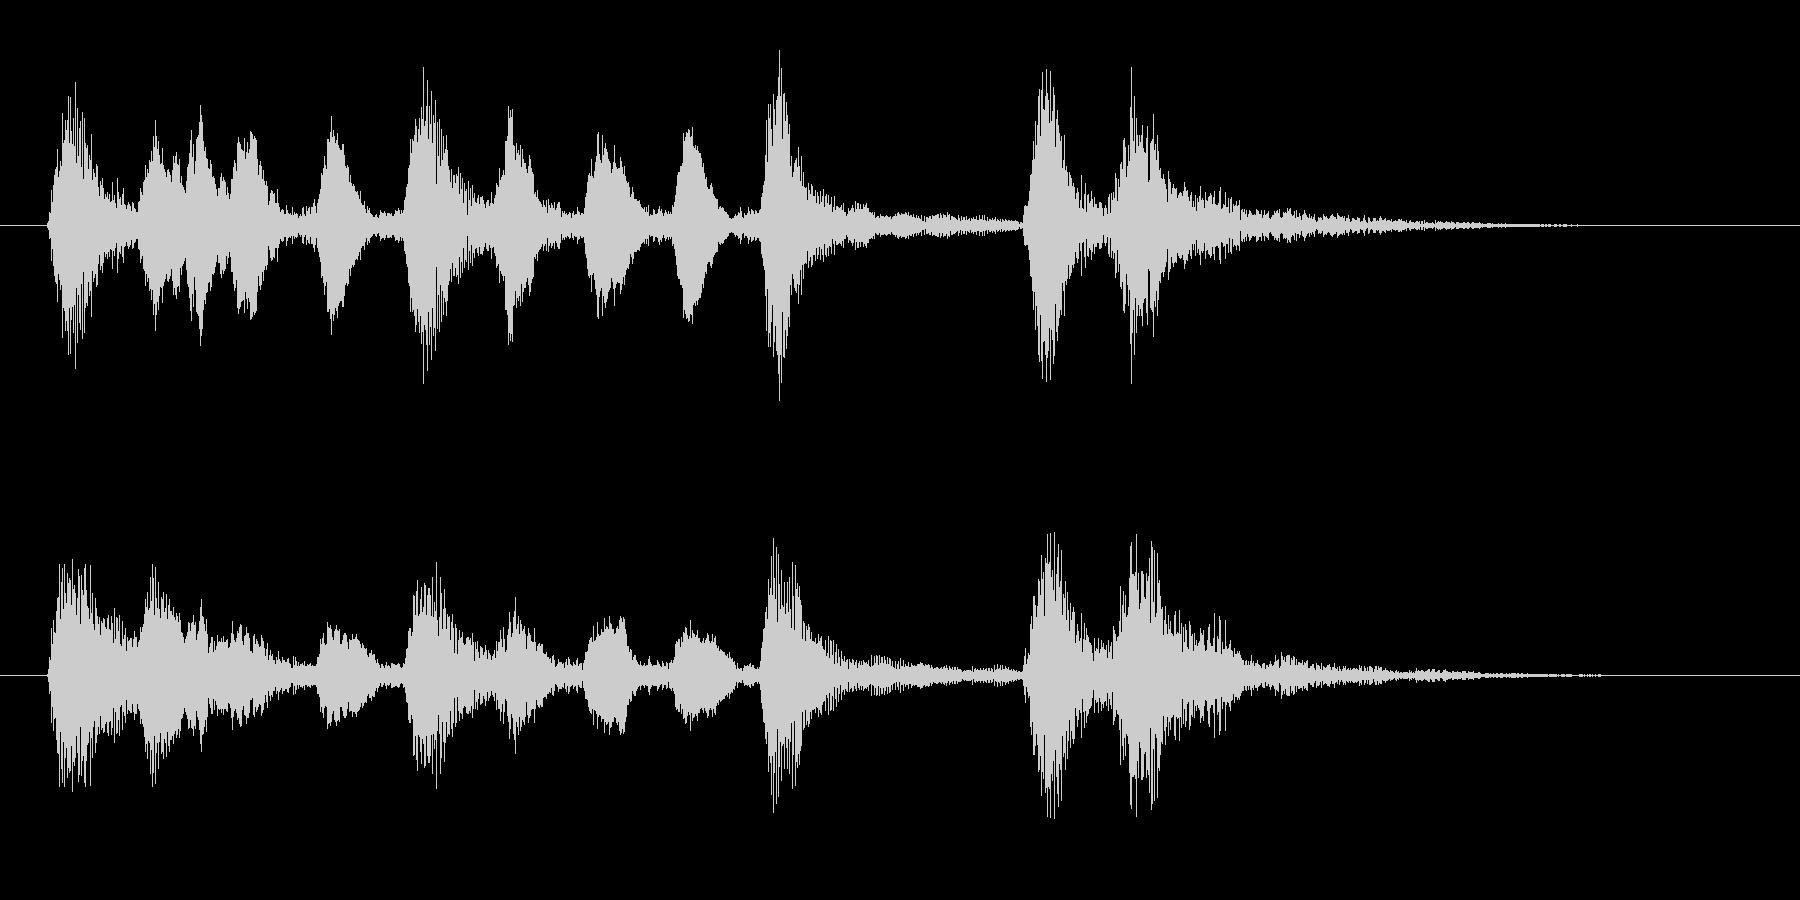 5秒ストリングスアイキャッチの未再生の波形